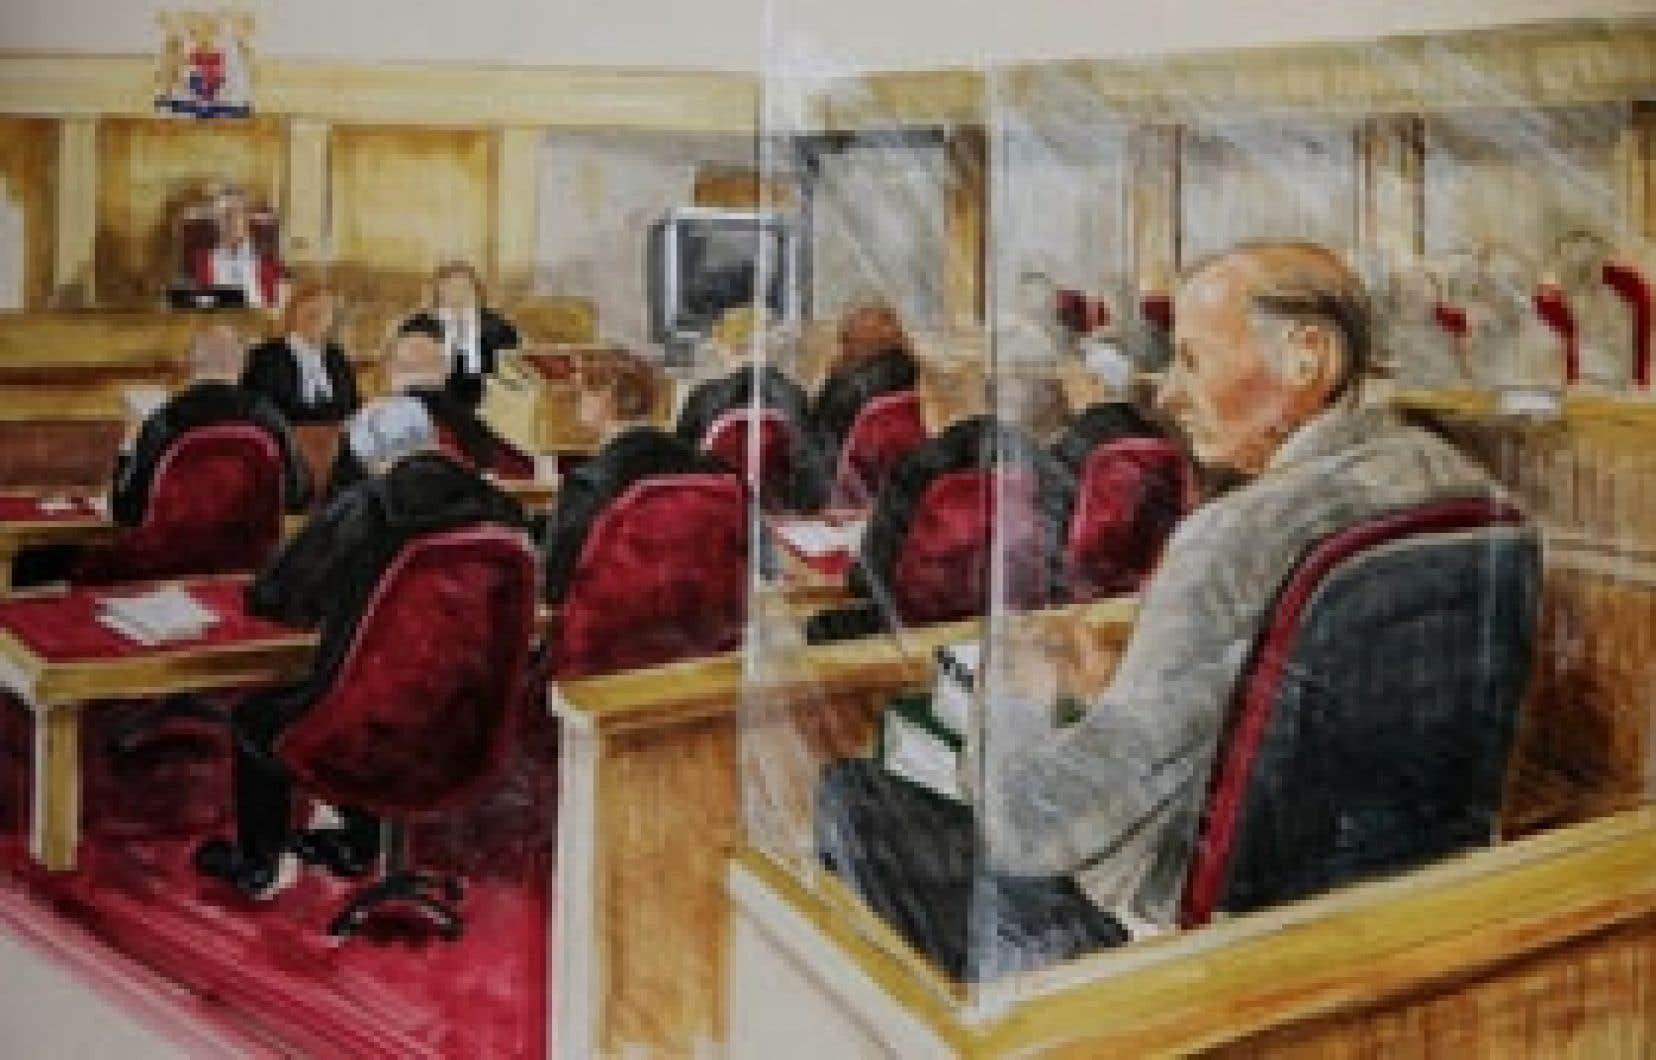 Un procès se déroule automatiquement devant un jury lorsqu'une personne est accusée de meurtre, comme c'est le cas du présumé meurtrier en série Robert Pickton, dont le procès se déroule depuis plusieurs semaines en Colombie-Britannique.